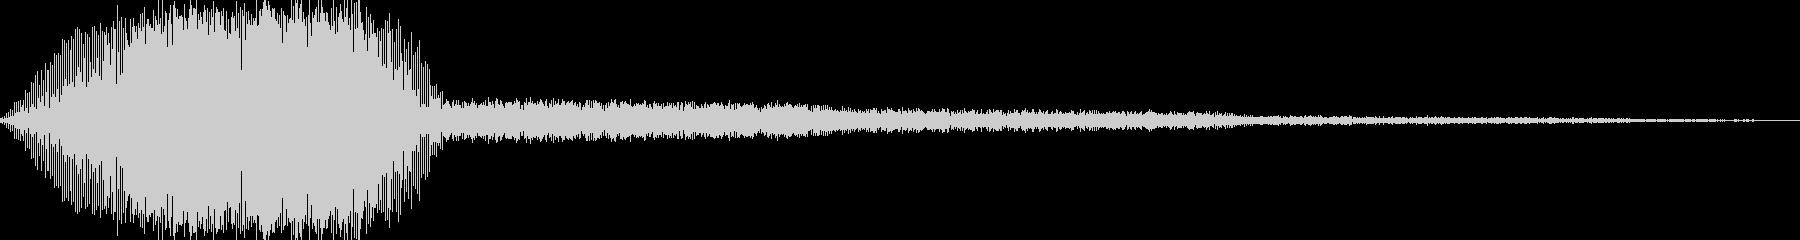 AMGアナログFX 7の未再生の波形